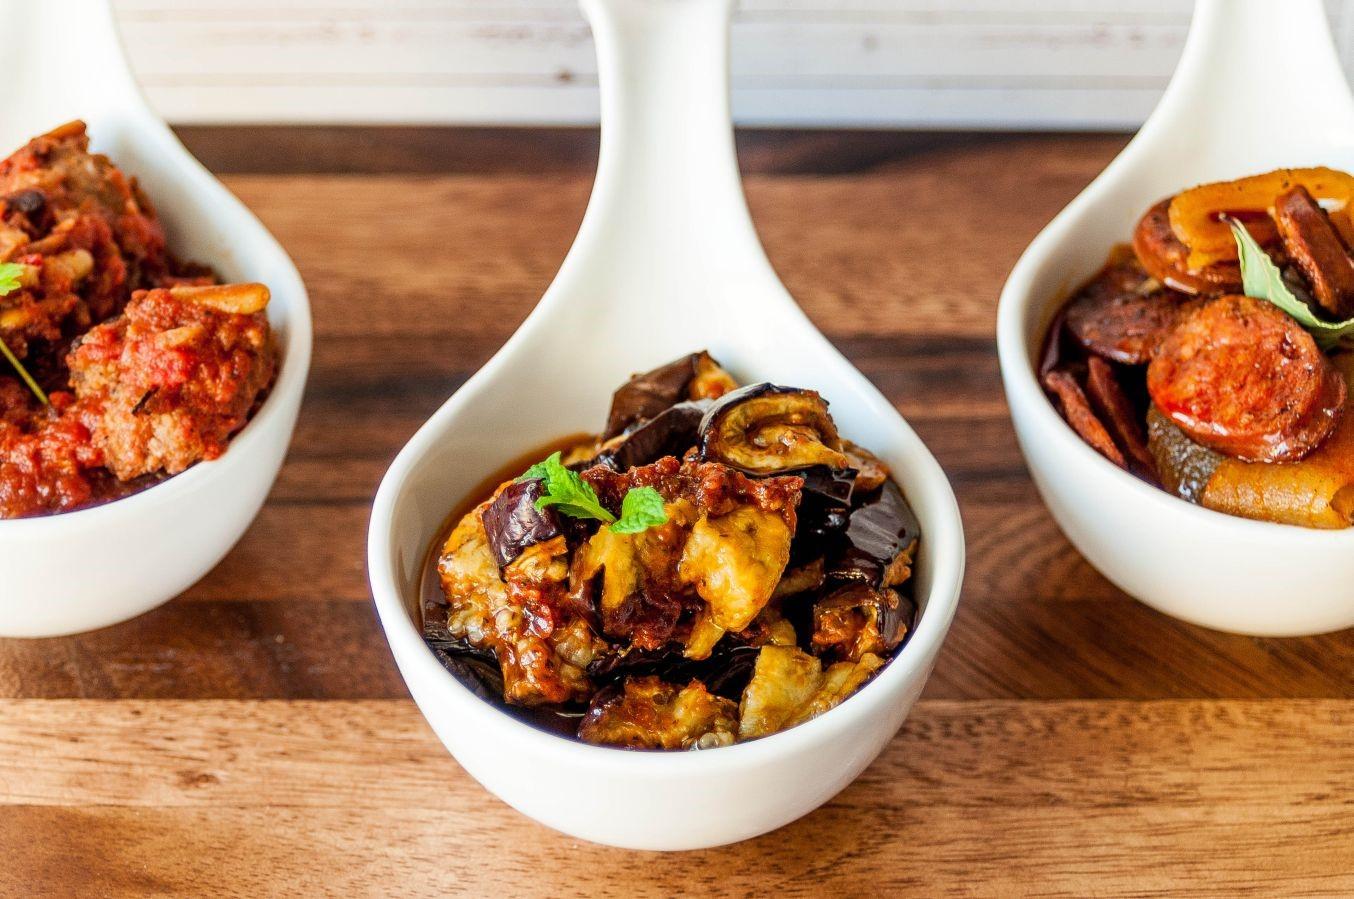 Smoked Moroccan Eggplant